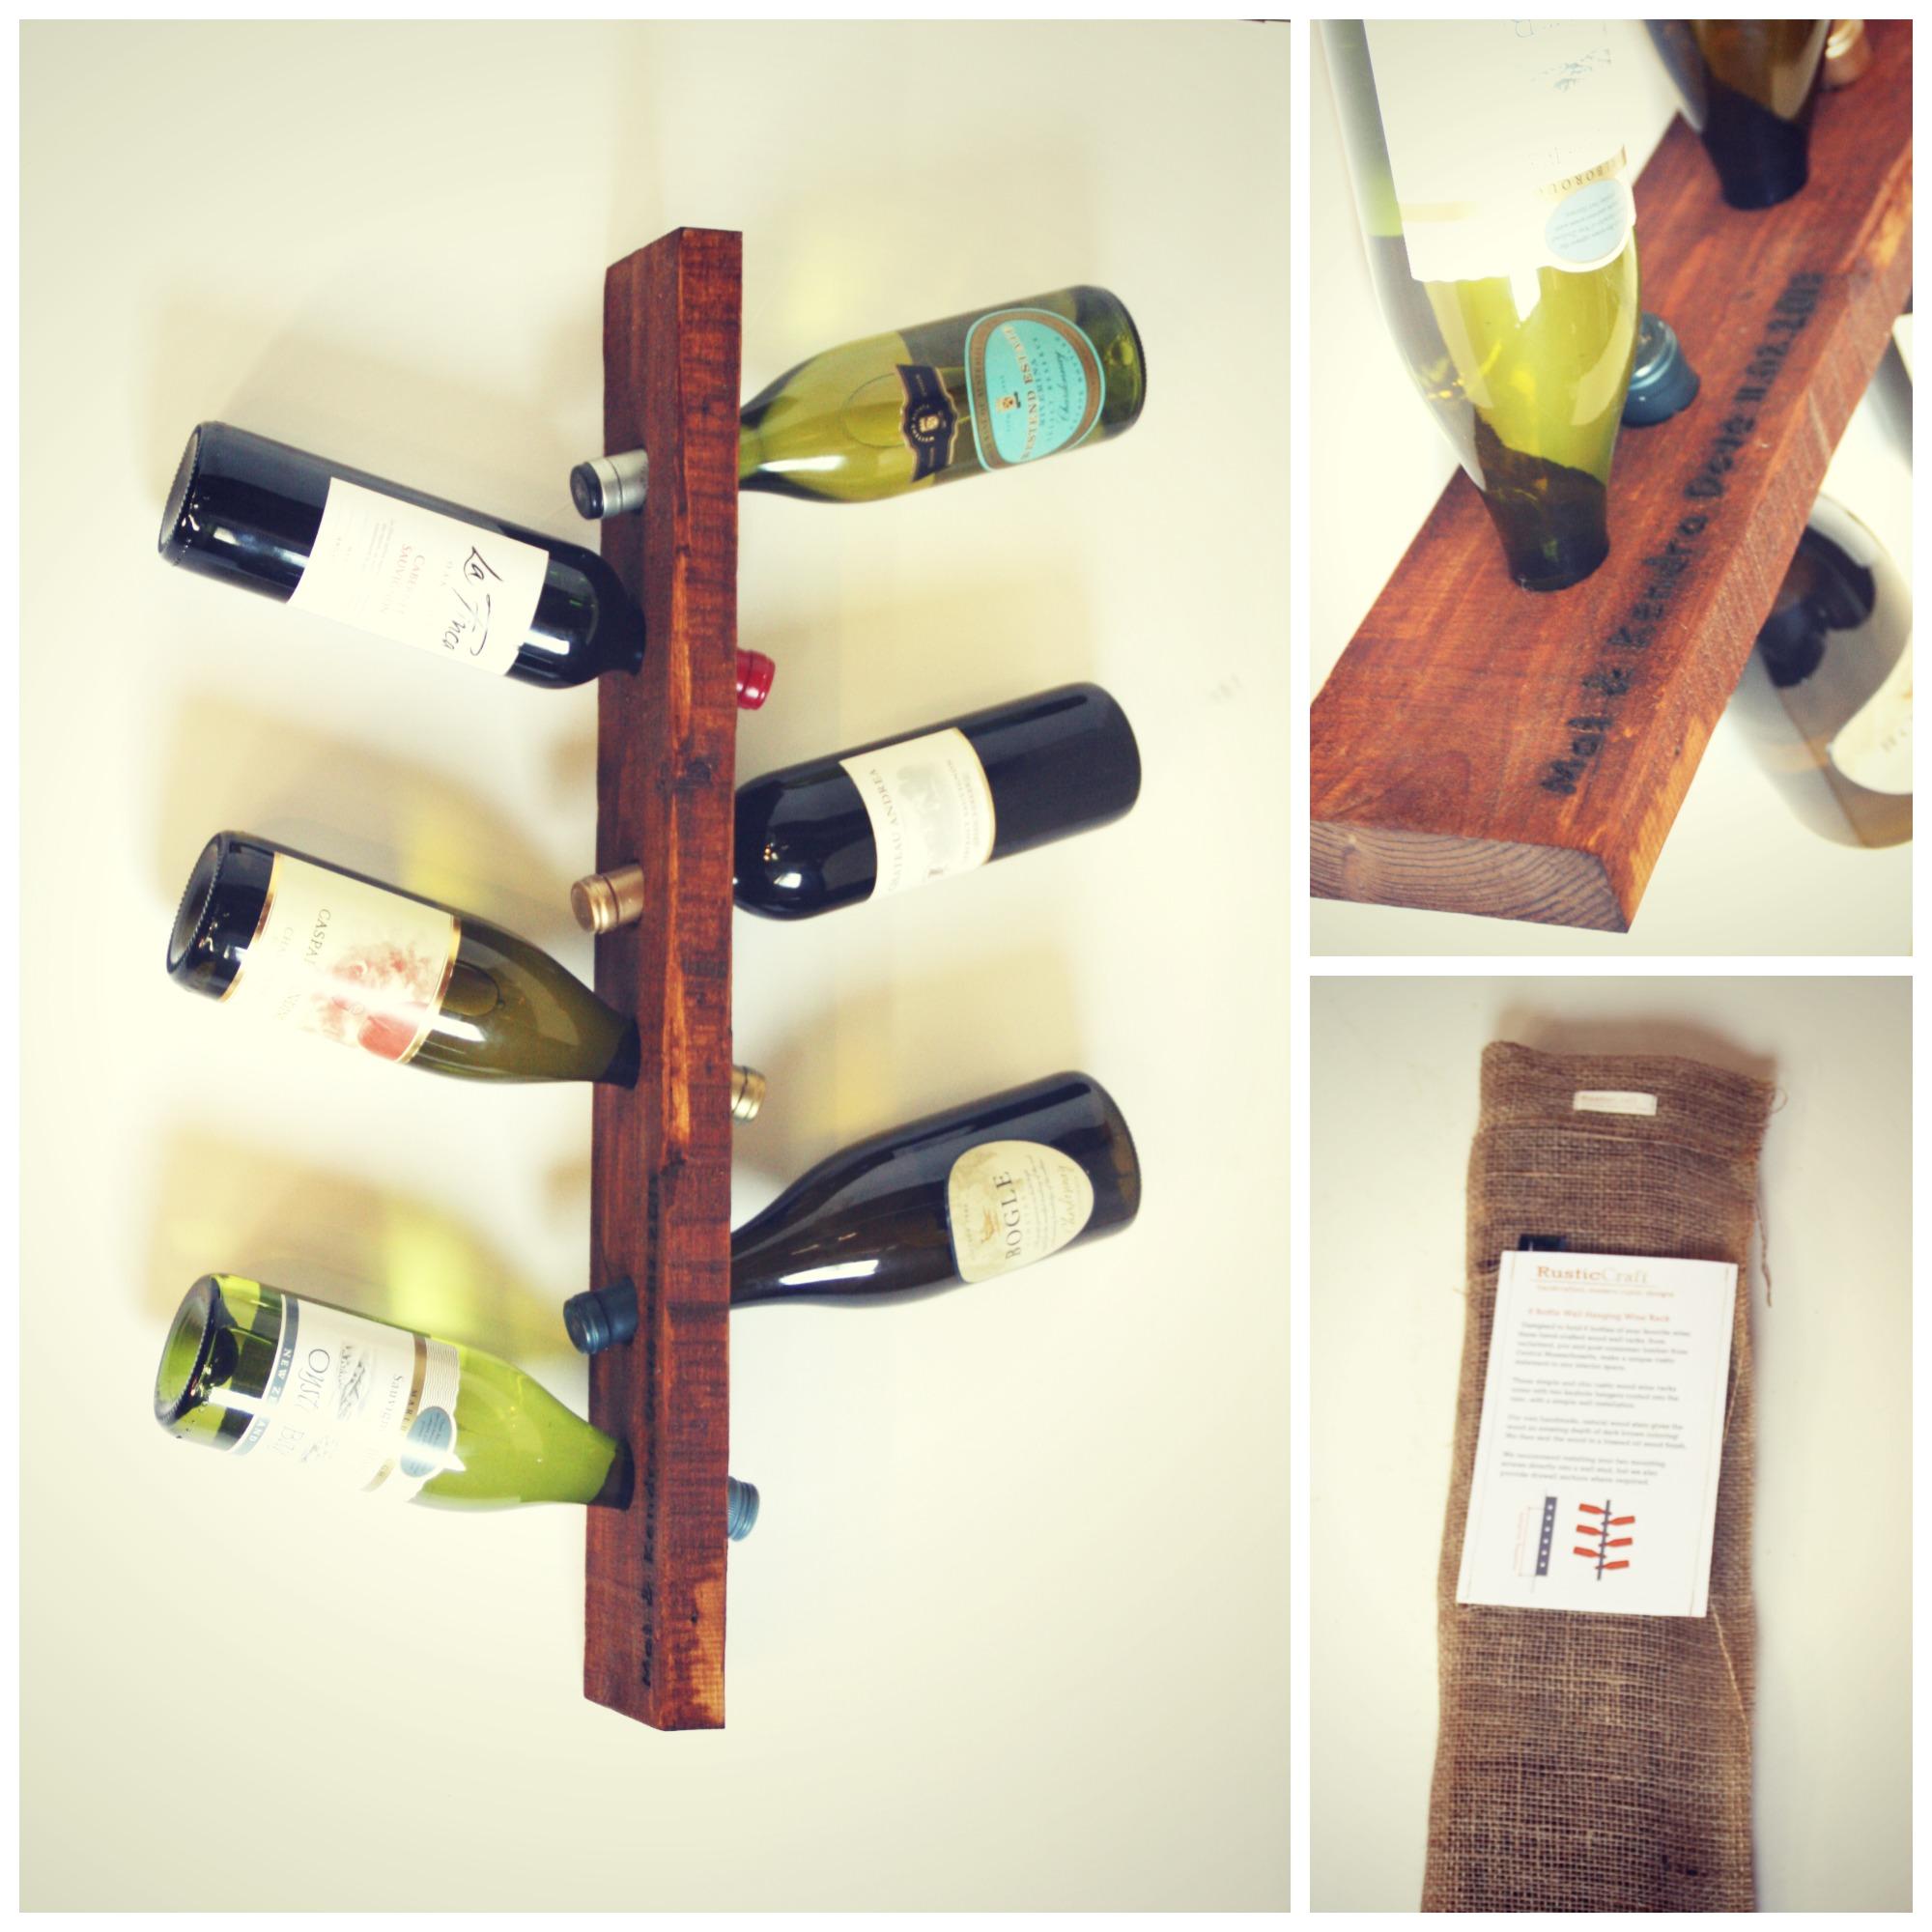 Cross Hang Wine Rack Collage 2-27-14.jpg